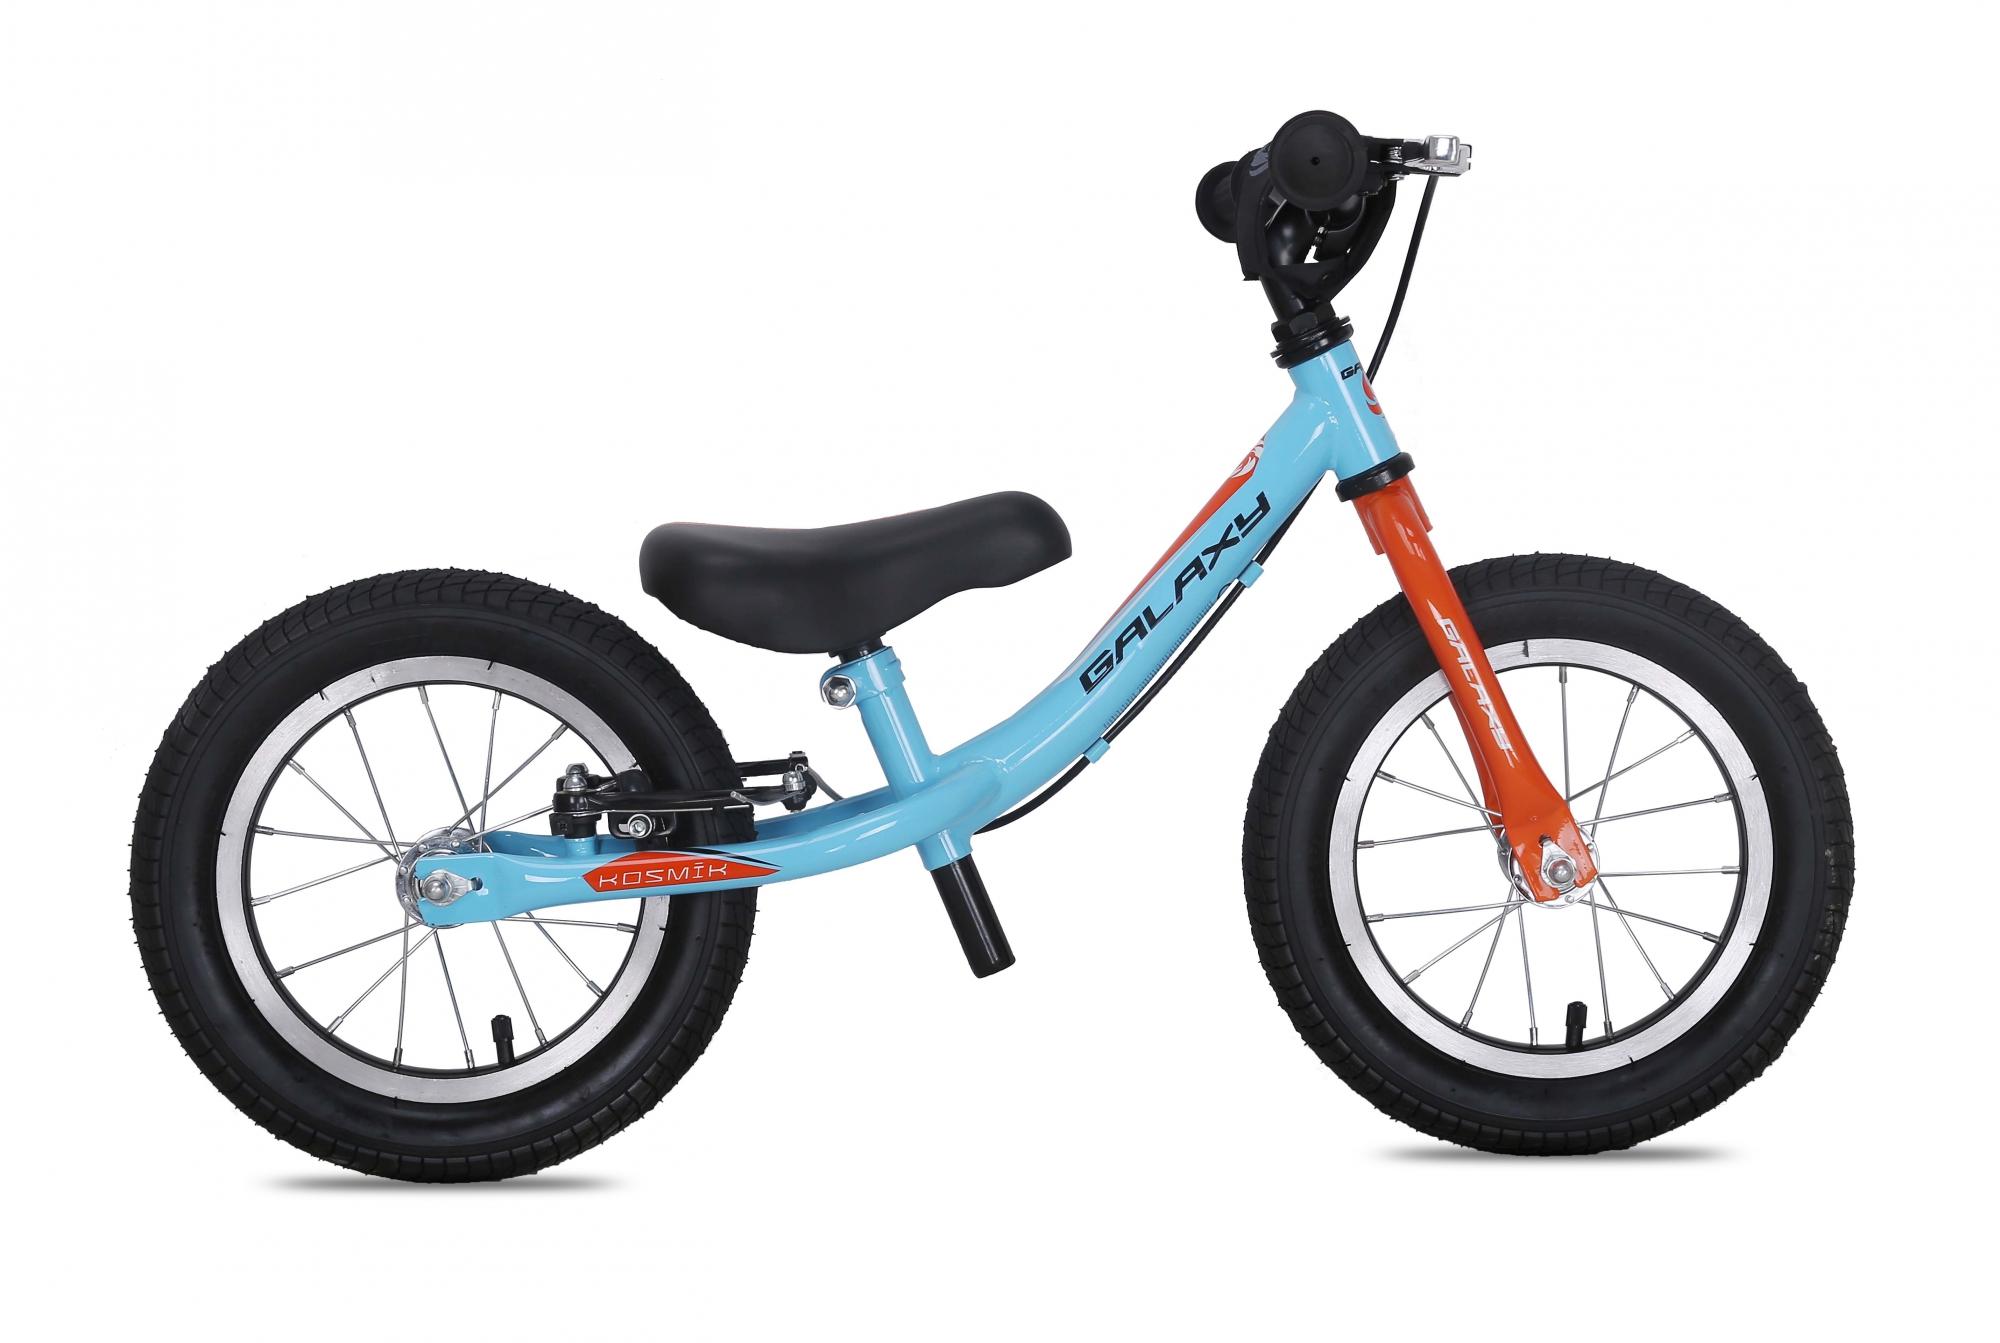 Odrážedlo GALAXY KOSMÍK modro-oranžové 2016, ZDARMA dopravné! (barva modro-oranžová, s brzdou, nafukovací pneu)